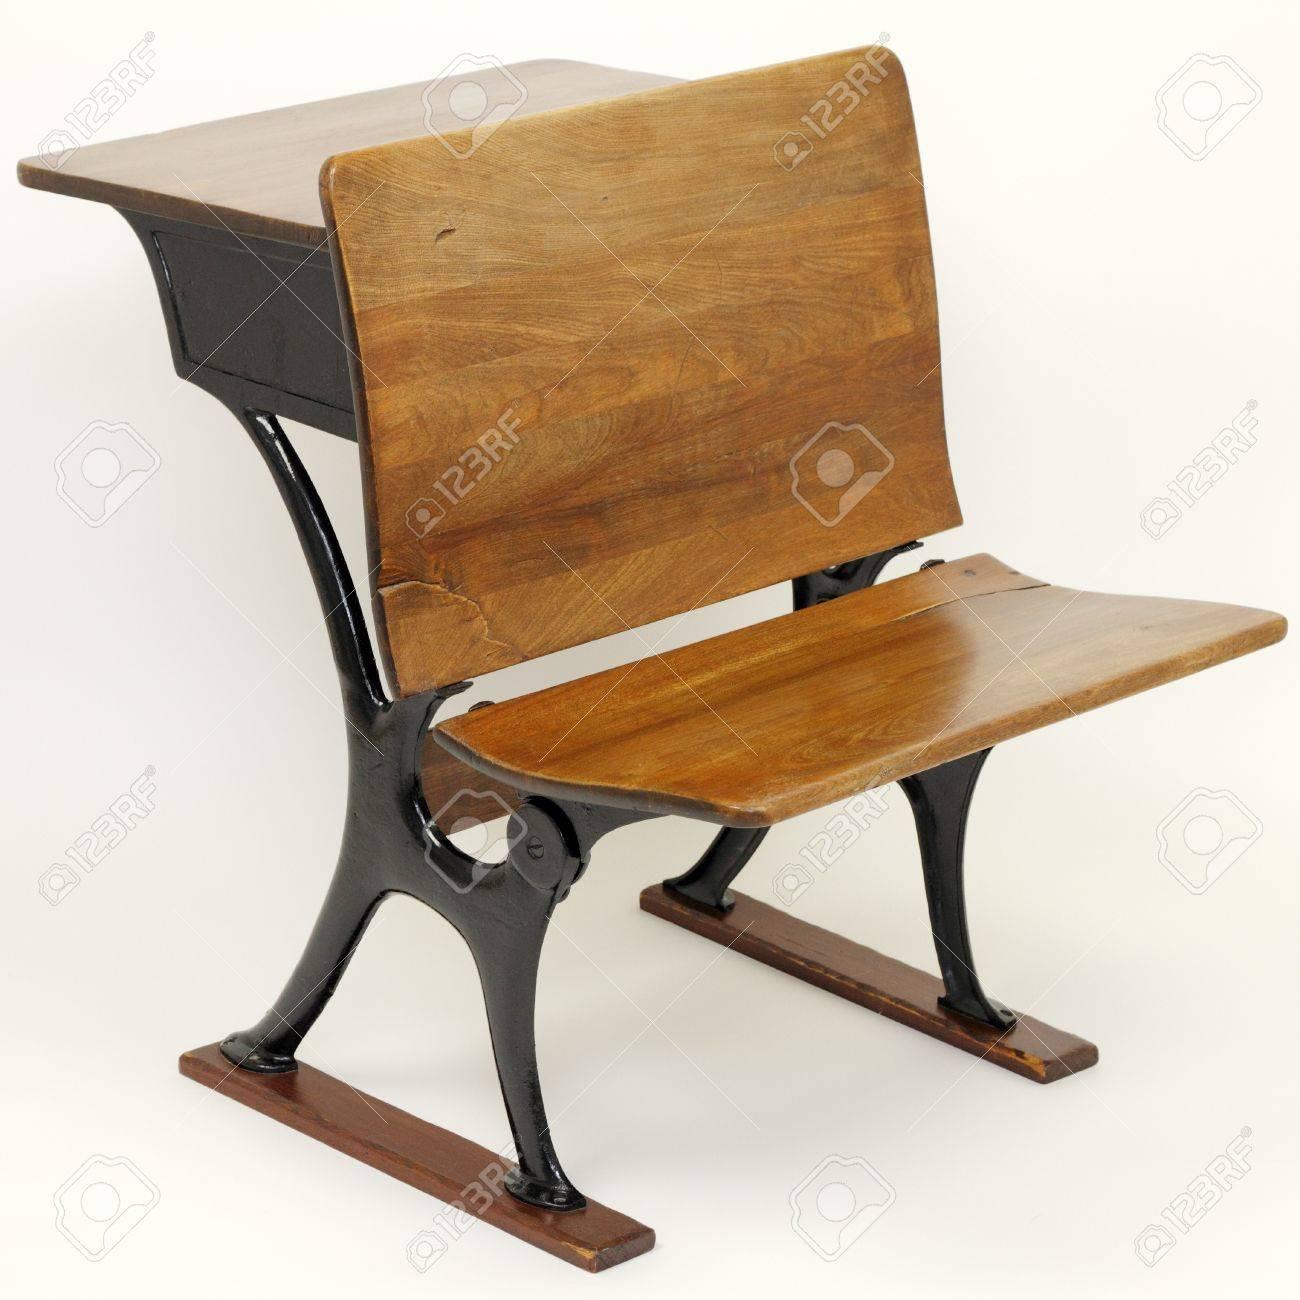 Stuhl schule  Ein Vintage-Metall Und Holz Schulbank Und Schule Stuhl Kombination ...